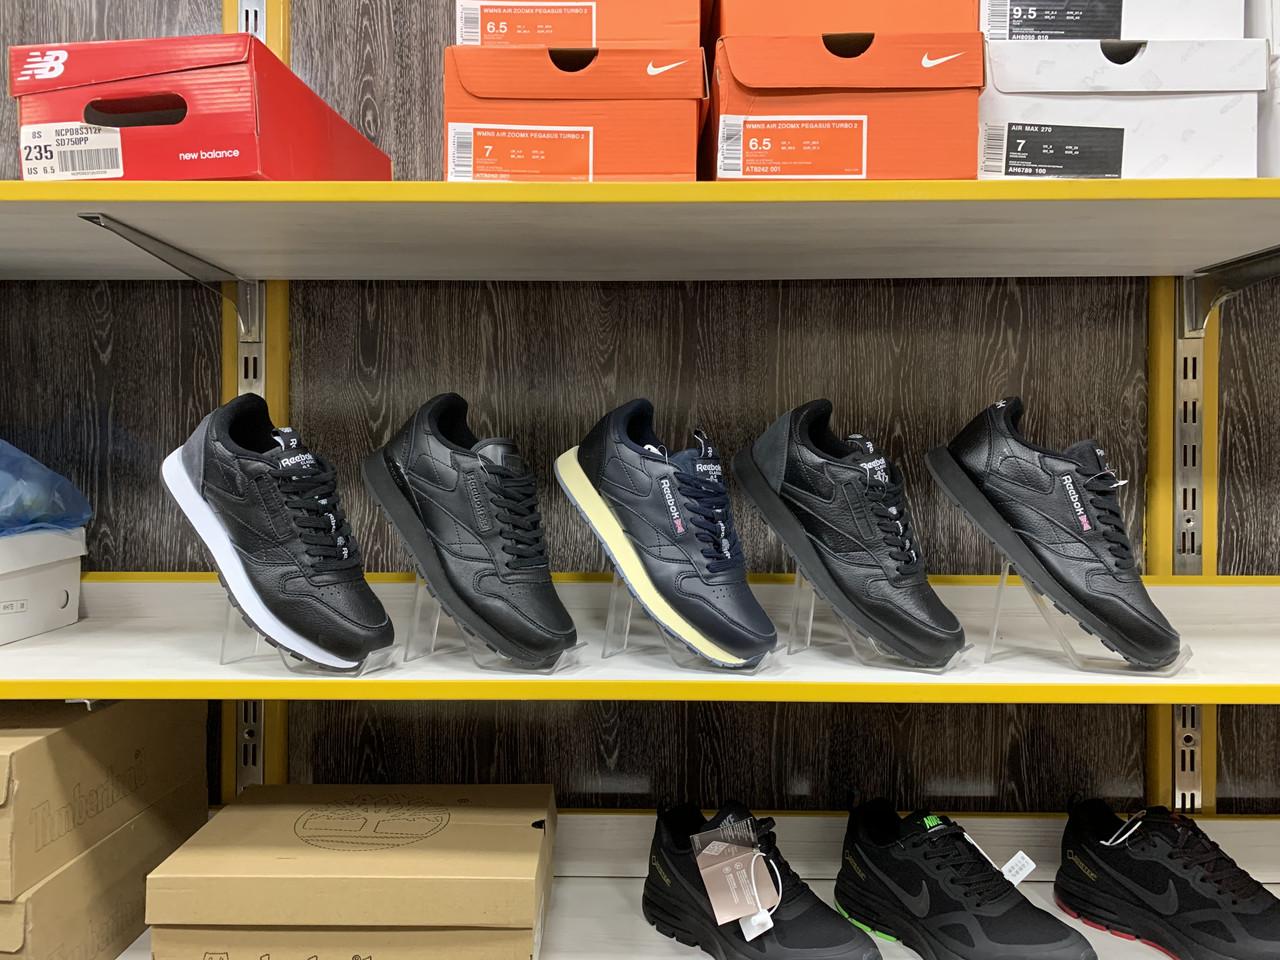 Кроссовки Reebok Classic Leather - фото 7